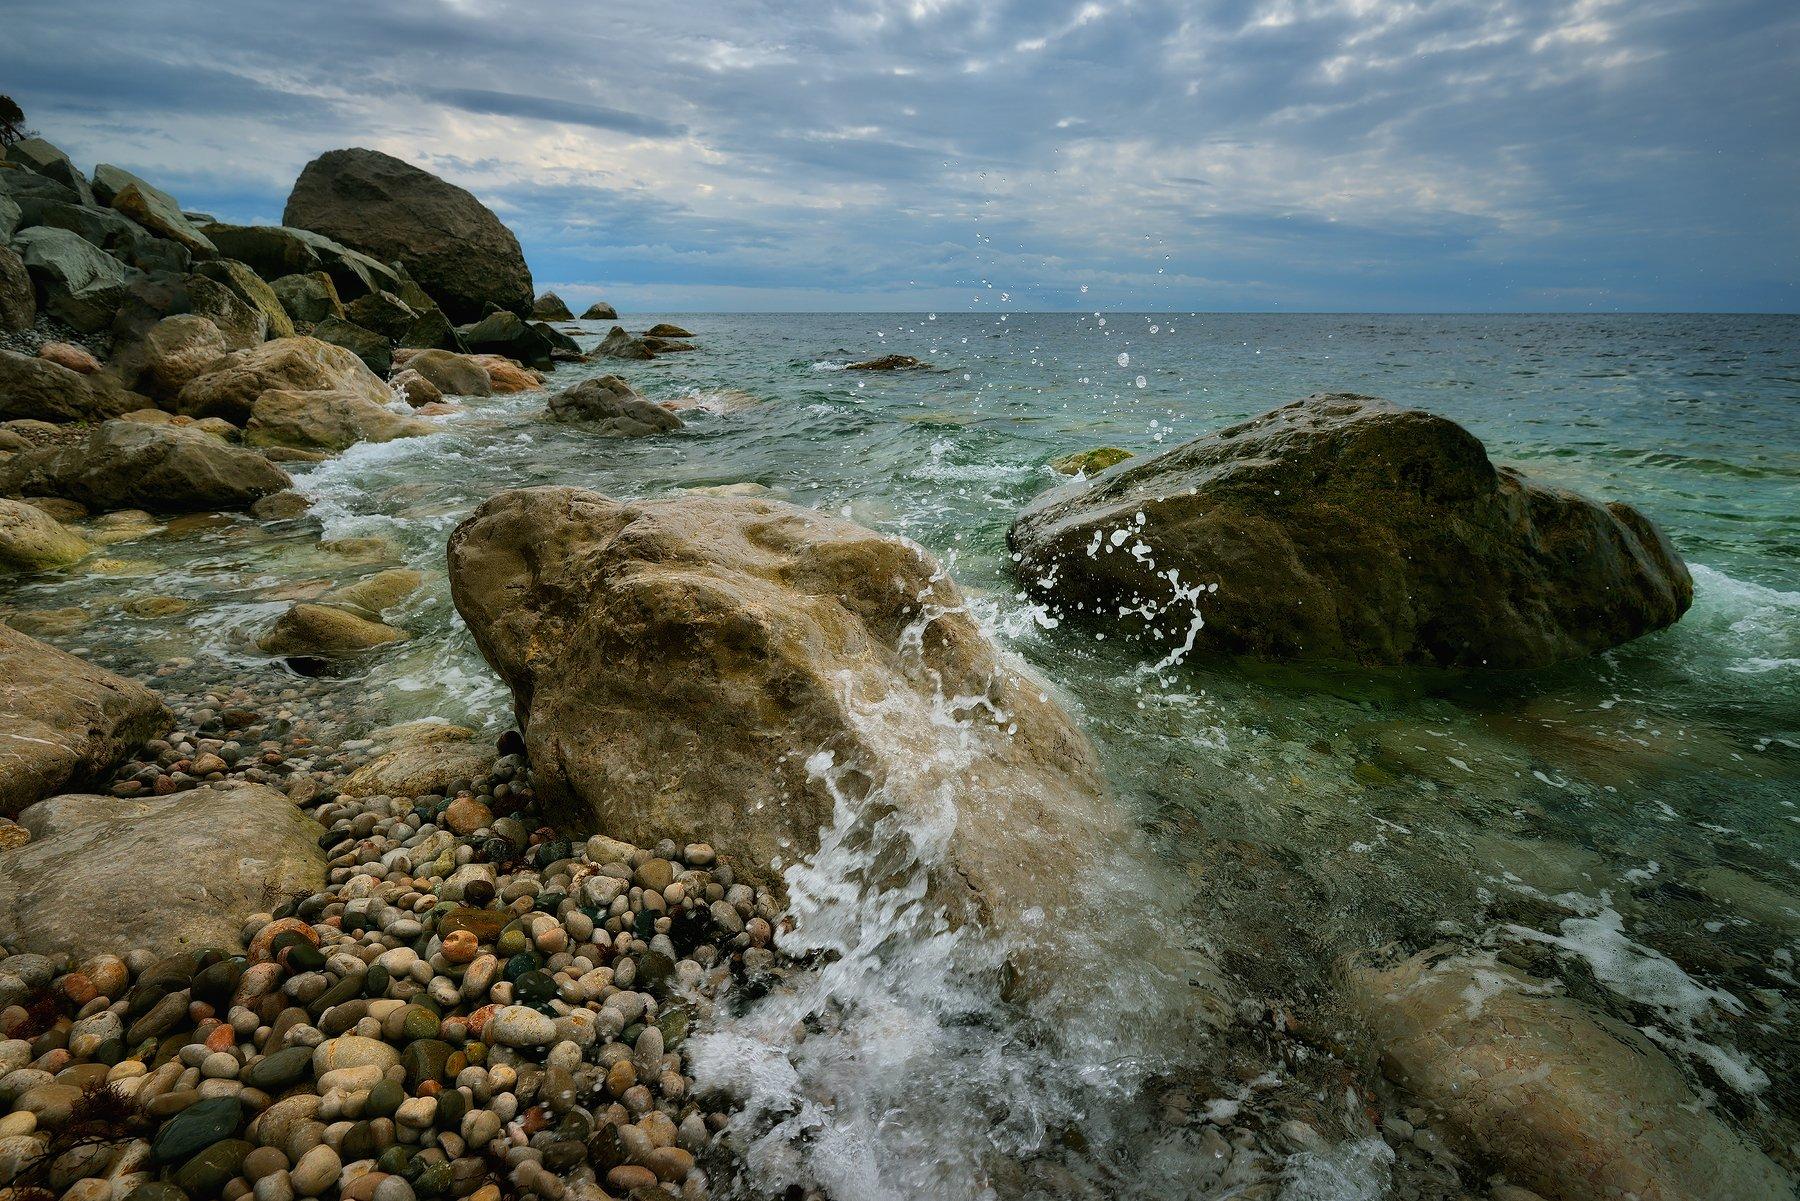 море, крым, волны, камни, берег, Алексей